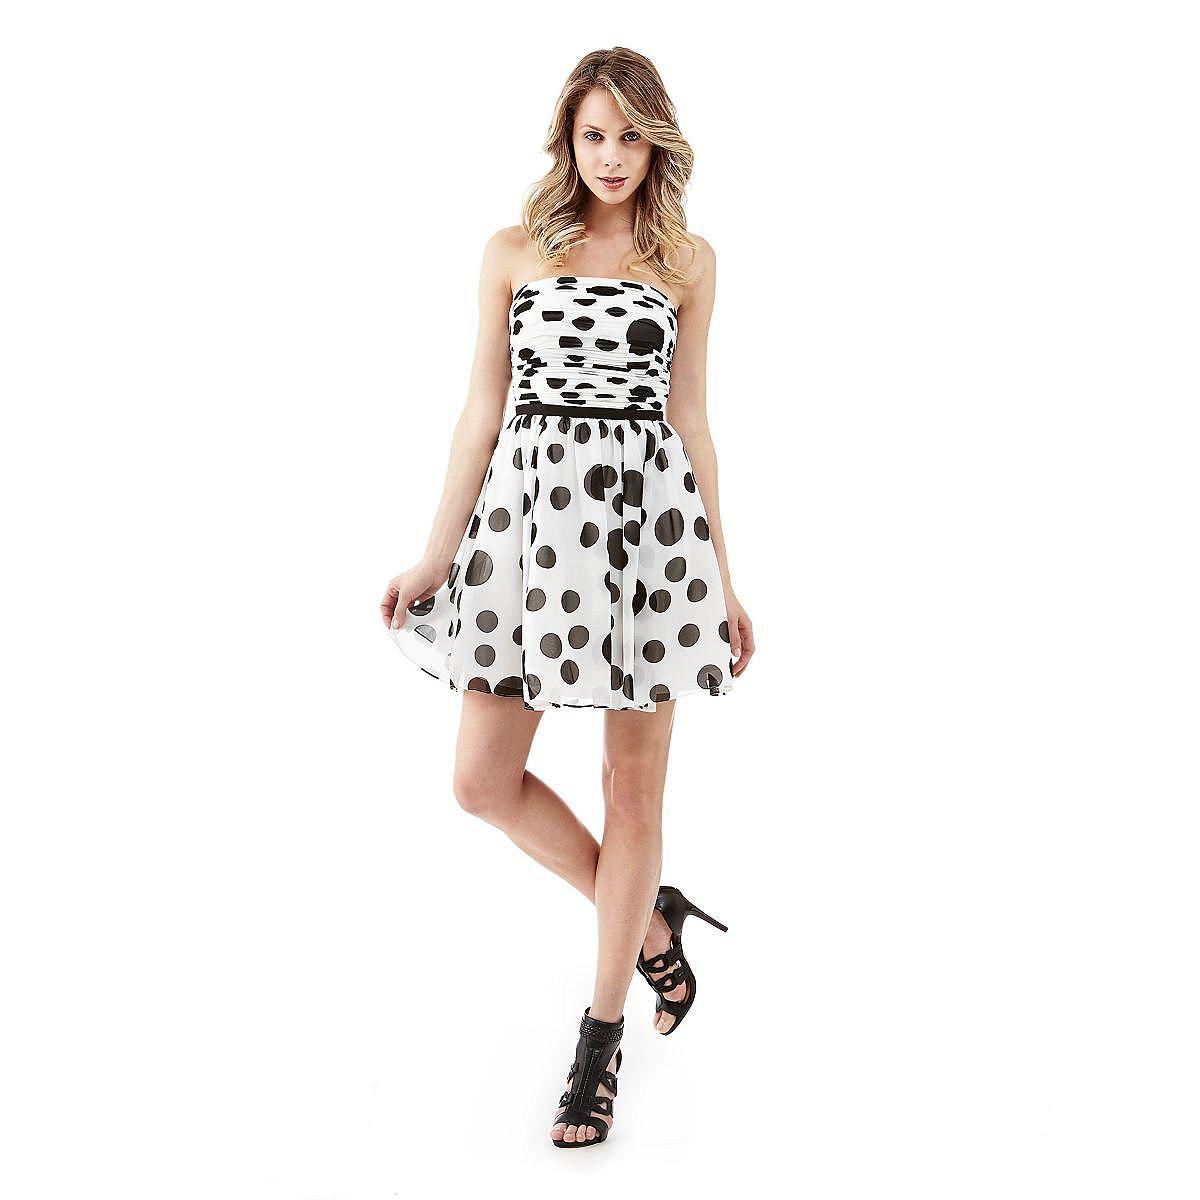 Kleid Strapless Polka Dots    Dieses Kleid mit herzförmigem Ausschnitt macht die Cocktail Hour zum stylishen Event. Die Pünktchen des Prints verleihen dem verführerischen Style Bon-Ton-Flair.    Kontrastierendes Taillenband.  60% Baumwolle 40% Modal.  Handwäsche.  Länge Größe S ca. 94 cm....